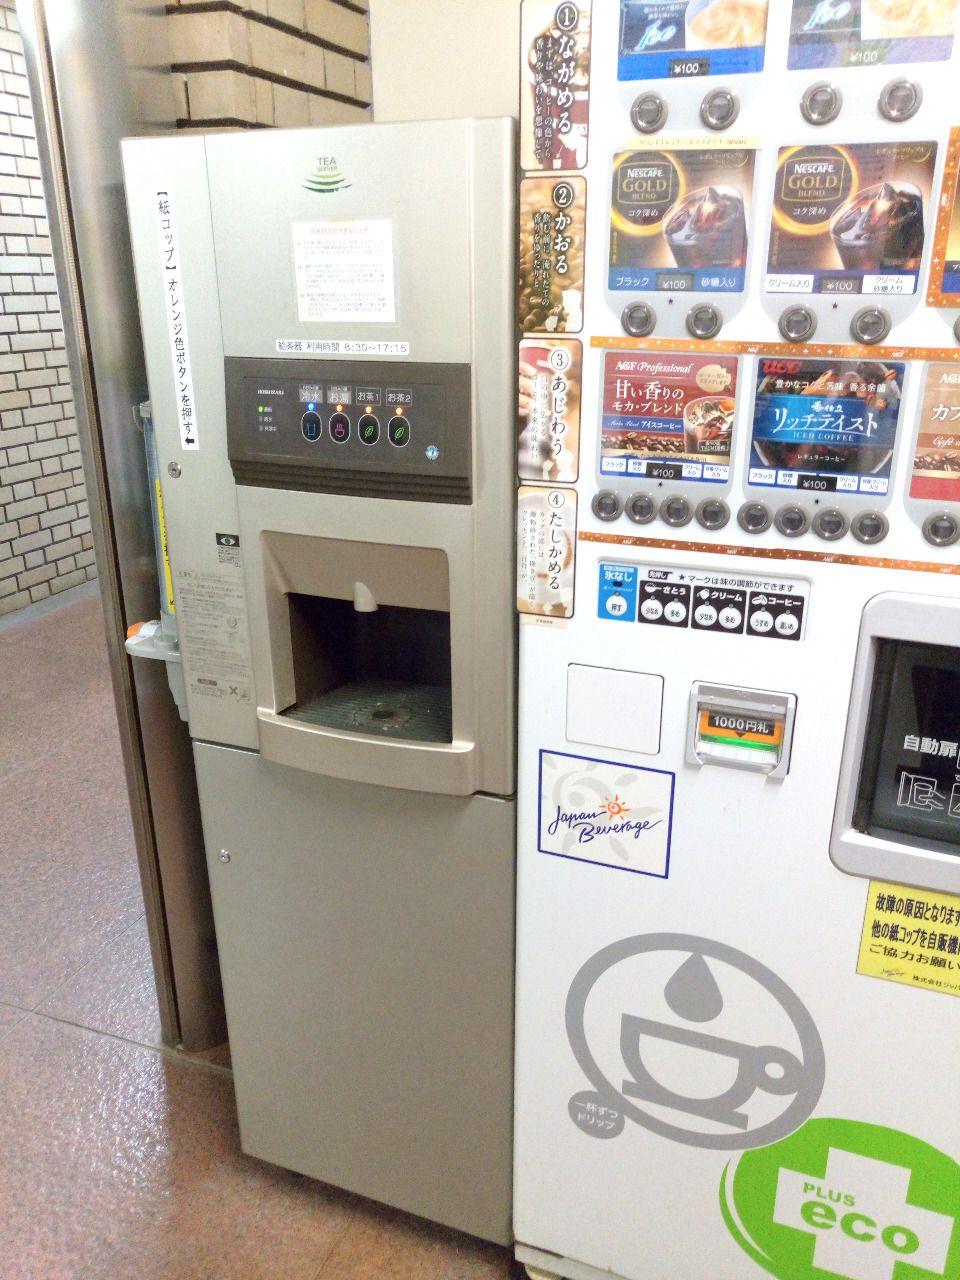 武蔵野市役所もいっとき避暑地です